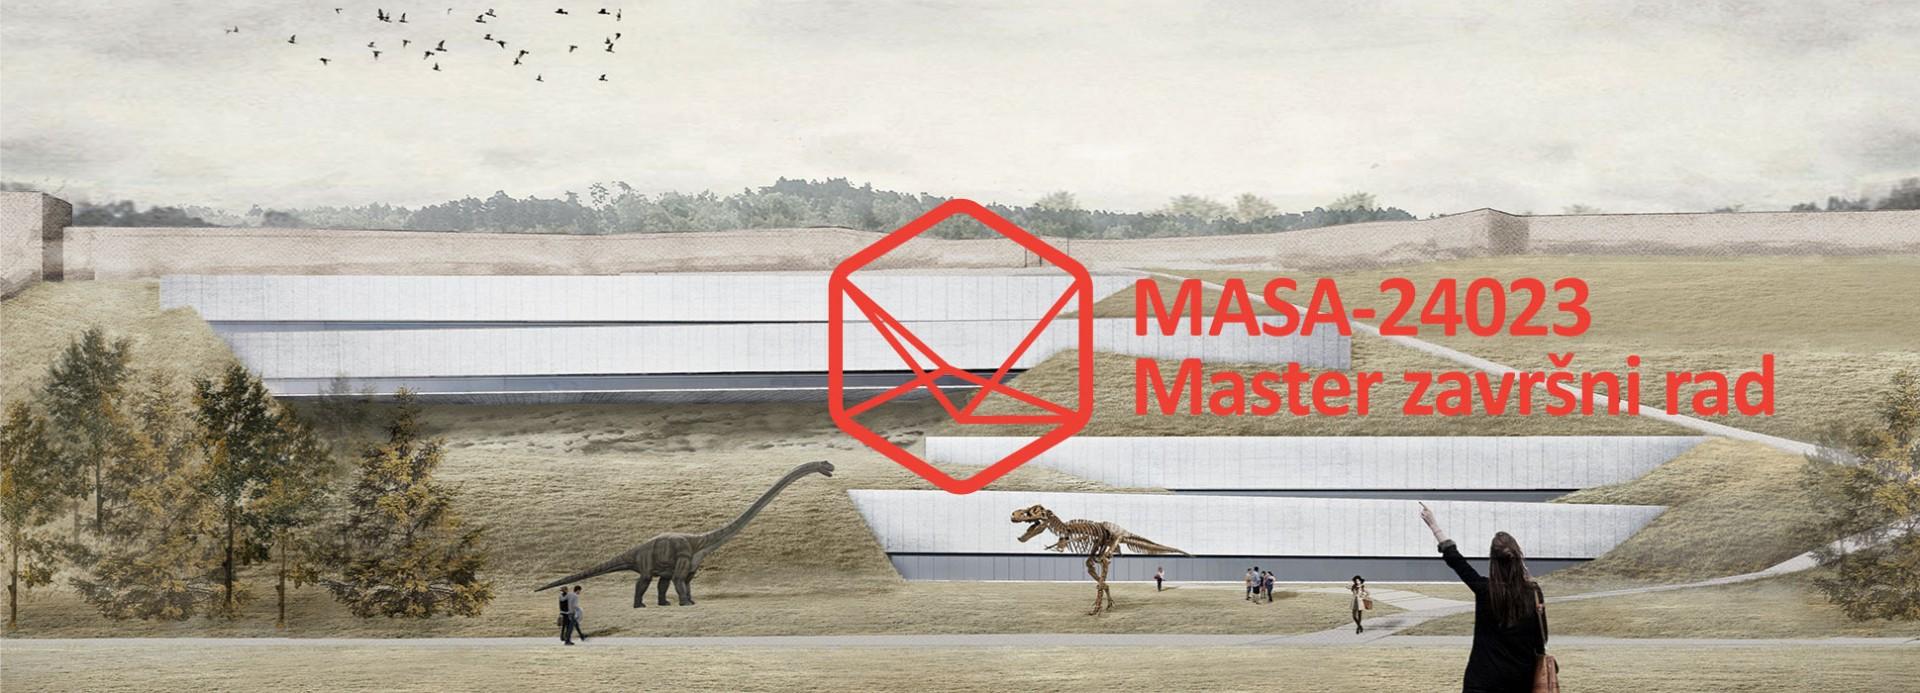 Веб изложба: МАС Архитектура – Мастер завршни рад 2015/16